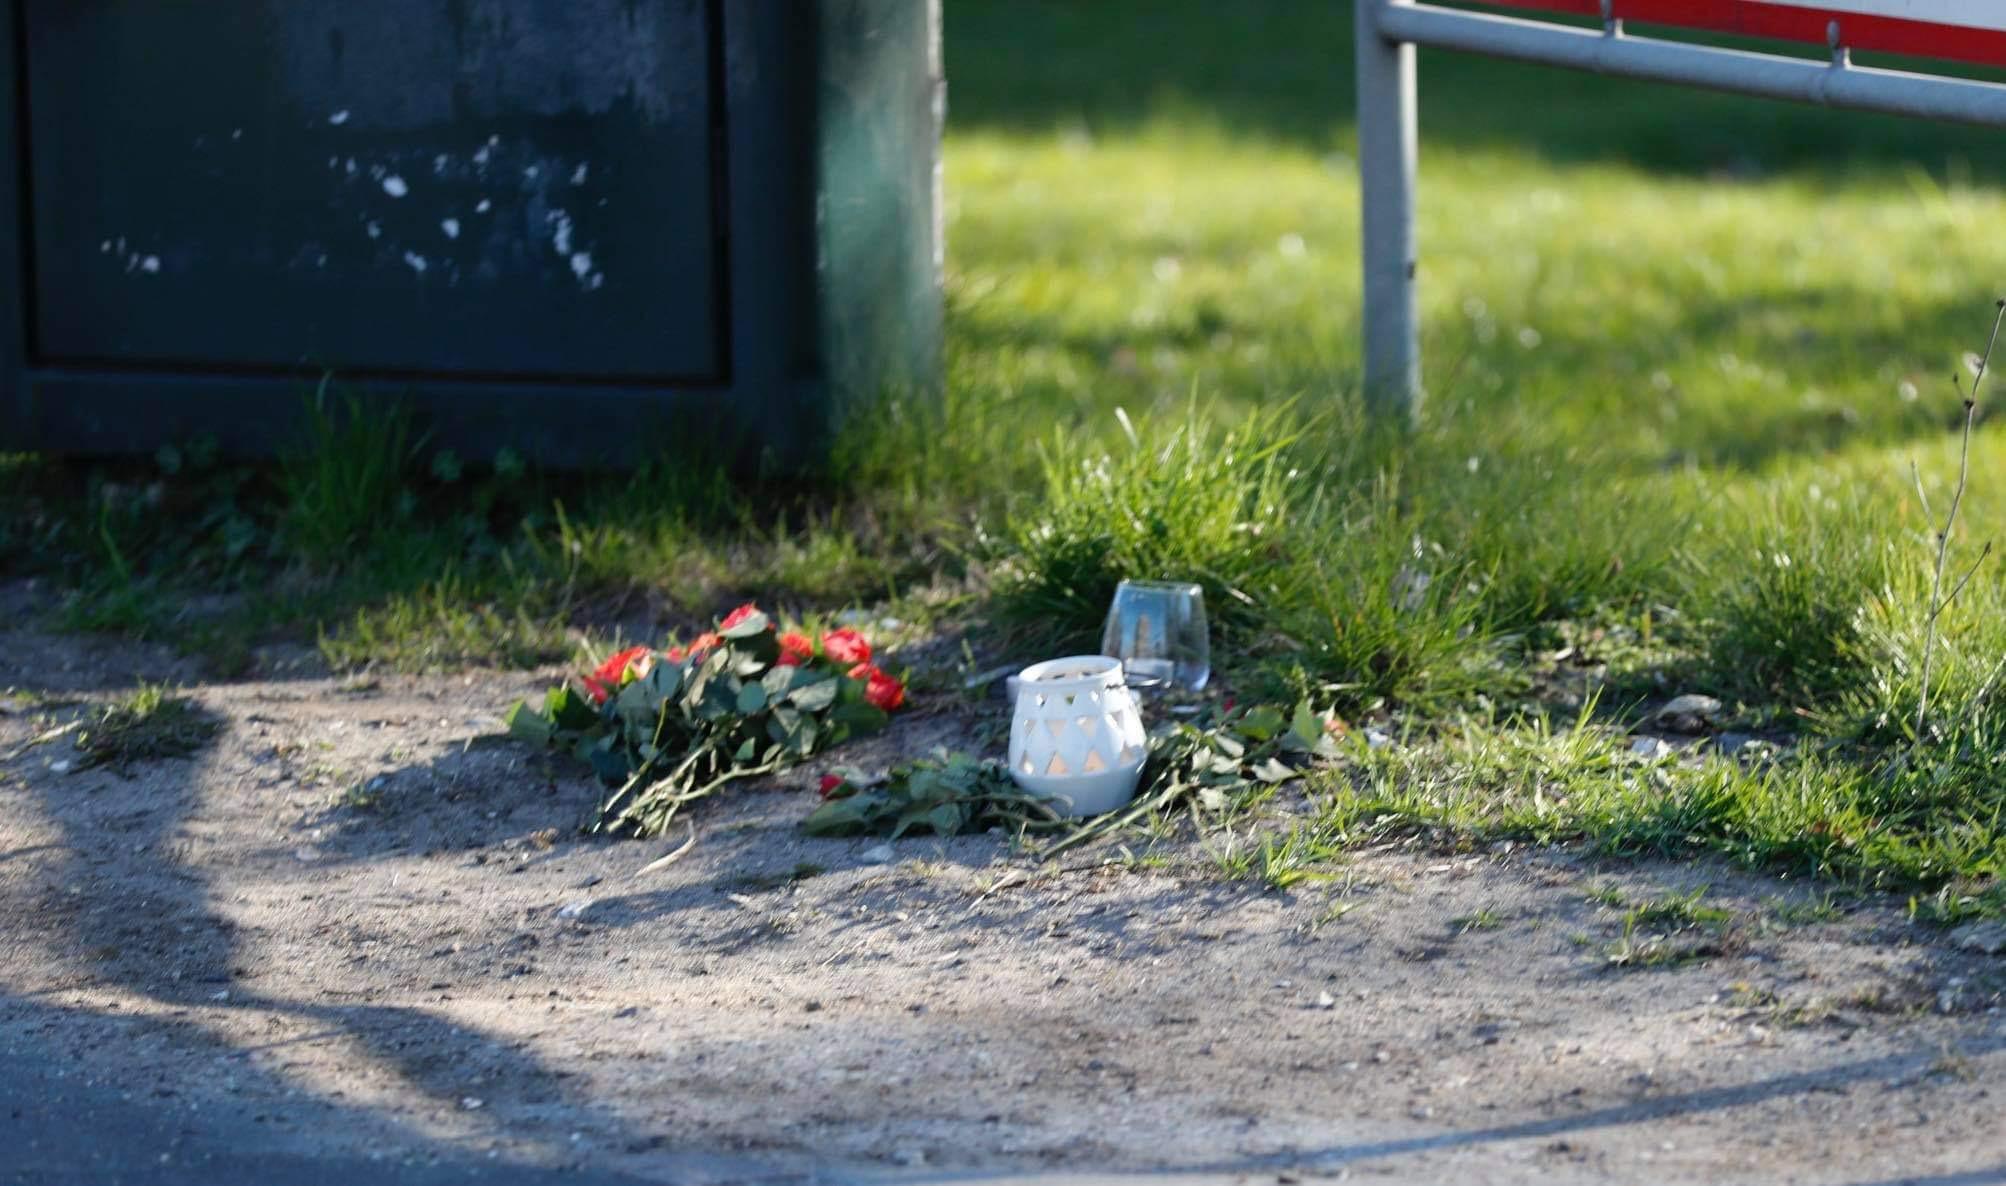 Blomster og lys sat ved ulykkesstedet - dødsulykke torsdag eftermiddag